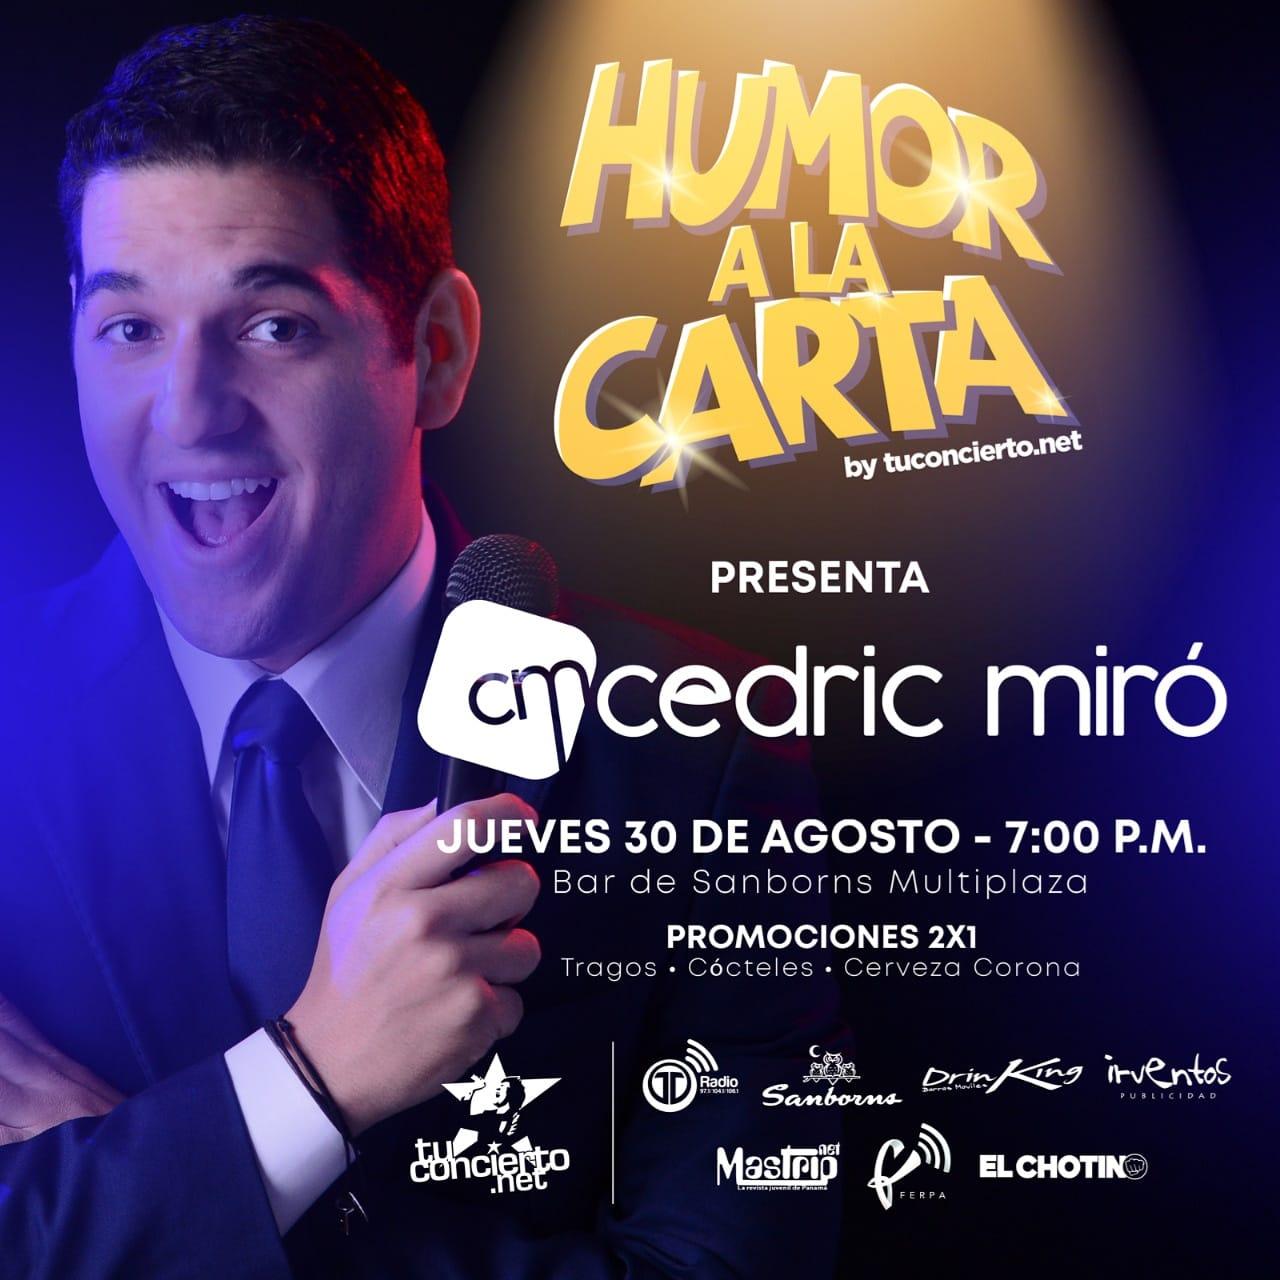 Photo of Humor a la Carta by @tuconcierto presenta a 'Cedric Miró'